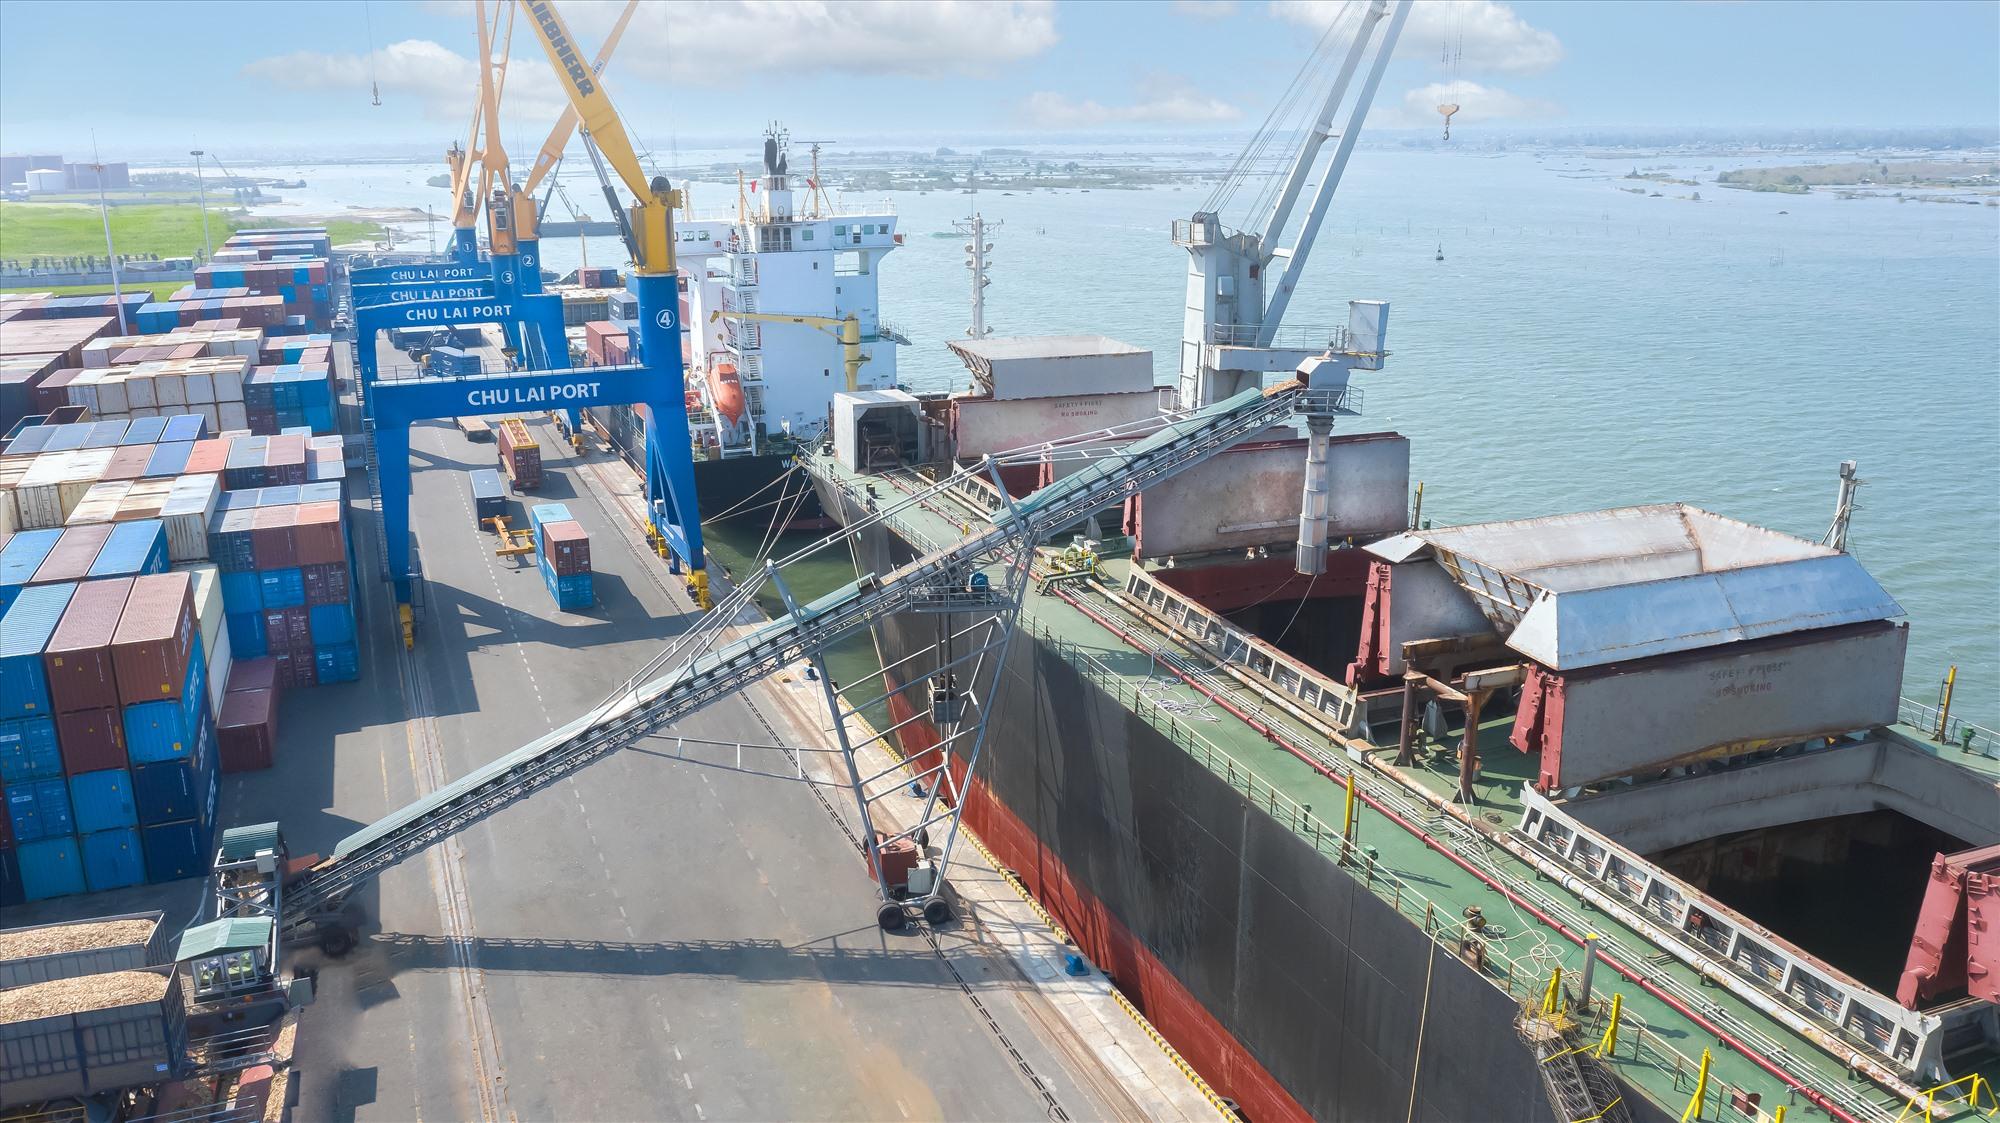 Dăm gỗ được đưa lên tàu bằng băng chuyền để xuất khẩu.